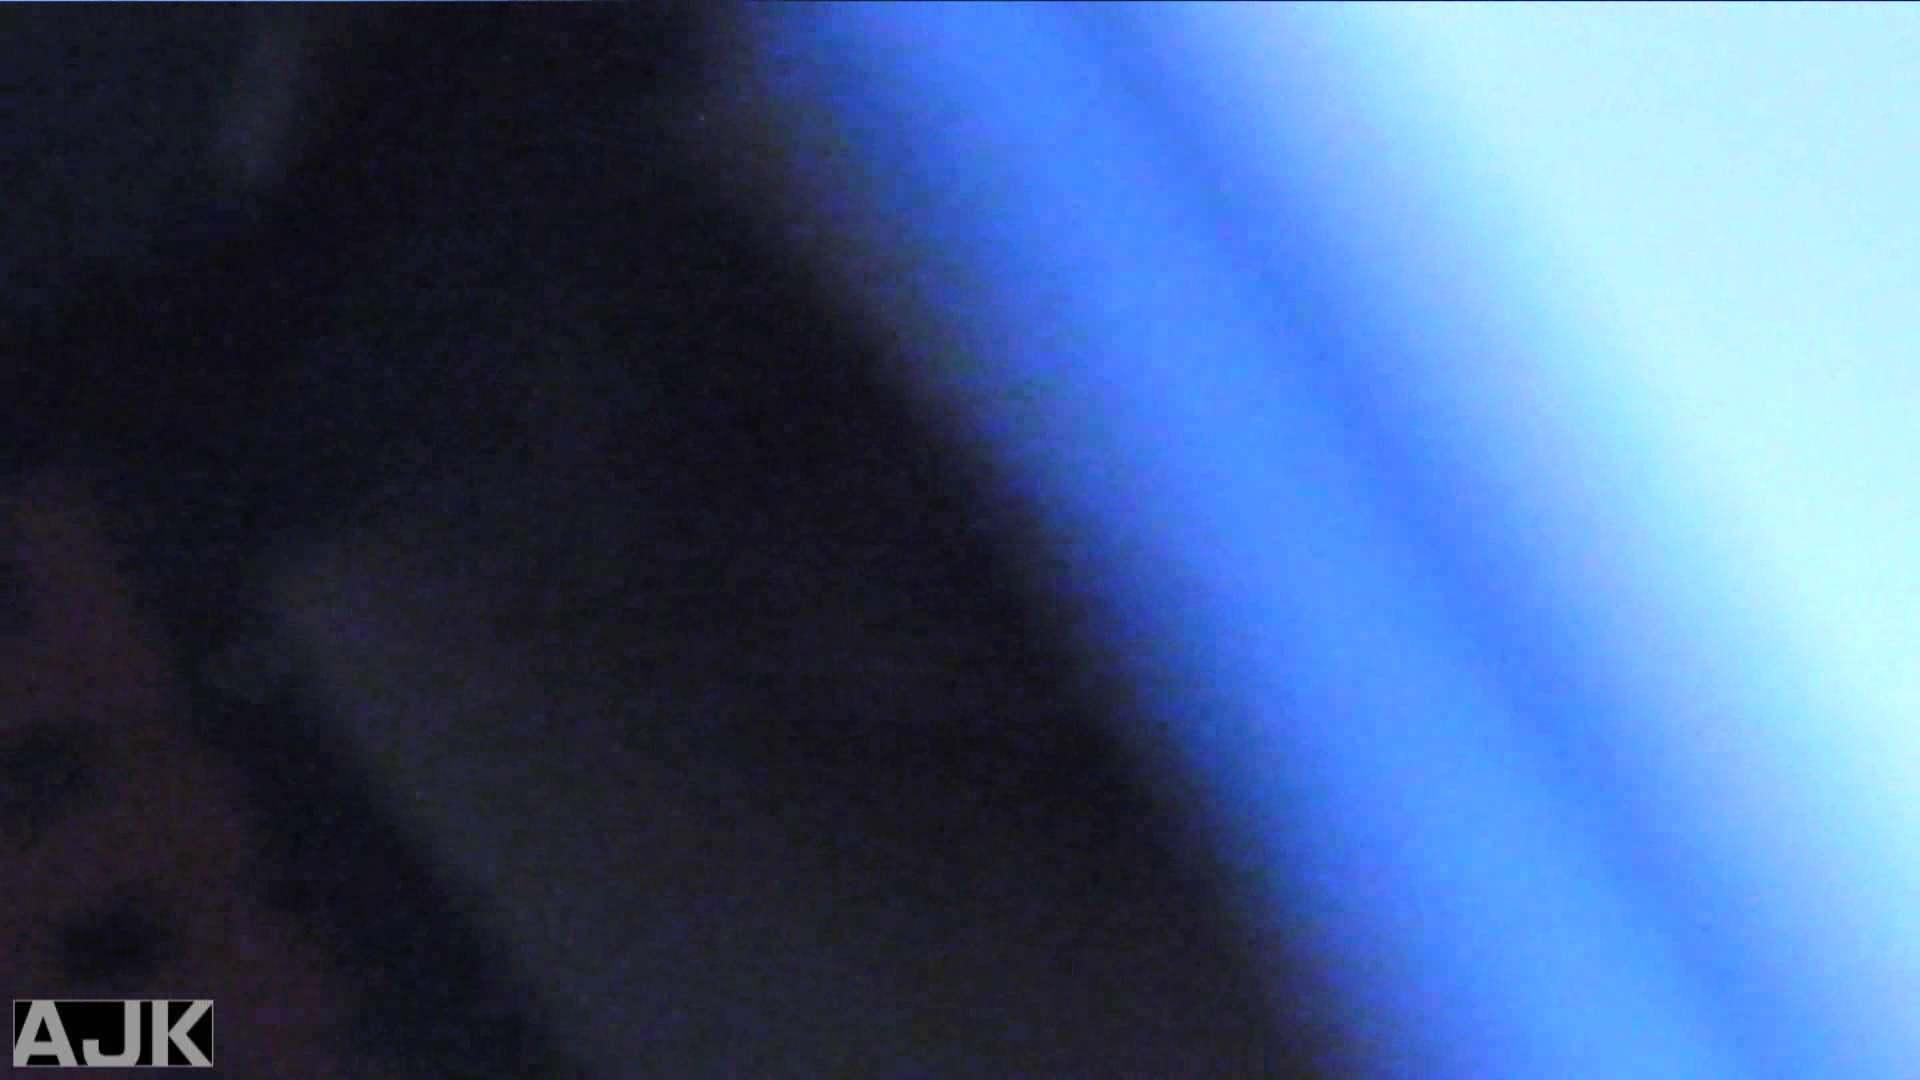 神降臨!史上最強の潜入かわや! vol.07 オマンコもろ 濡れ場動画紹介 83PIX 82